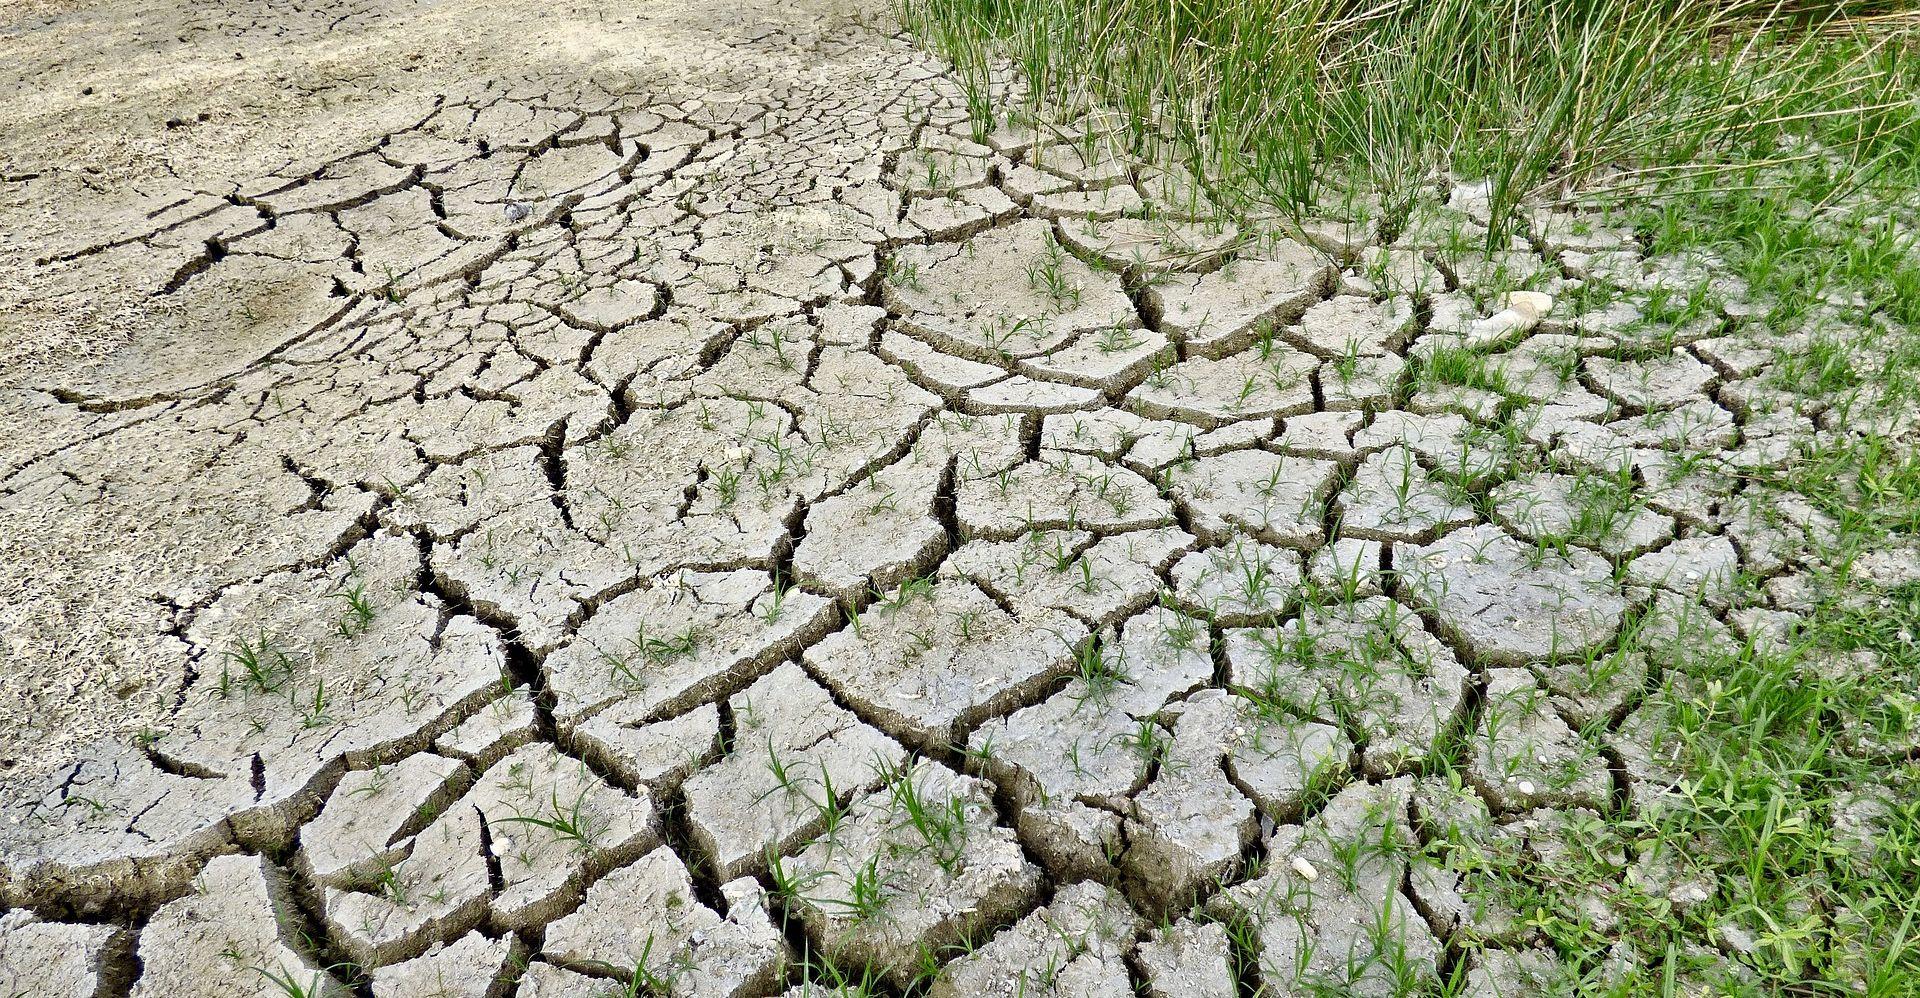 ZNANSTVENICI UPOZORAVAJU Zbog ekstremnih vremenskih prilika i do 152 tisuće mrtvih u Europi do 2100.